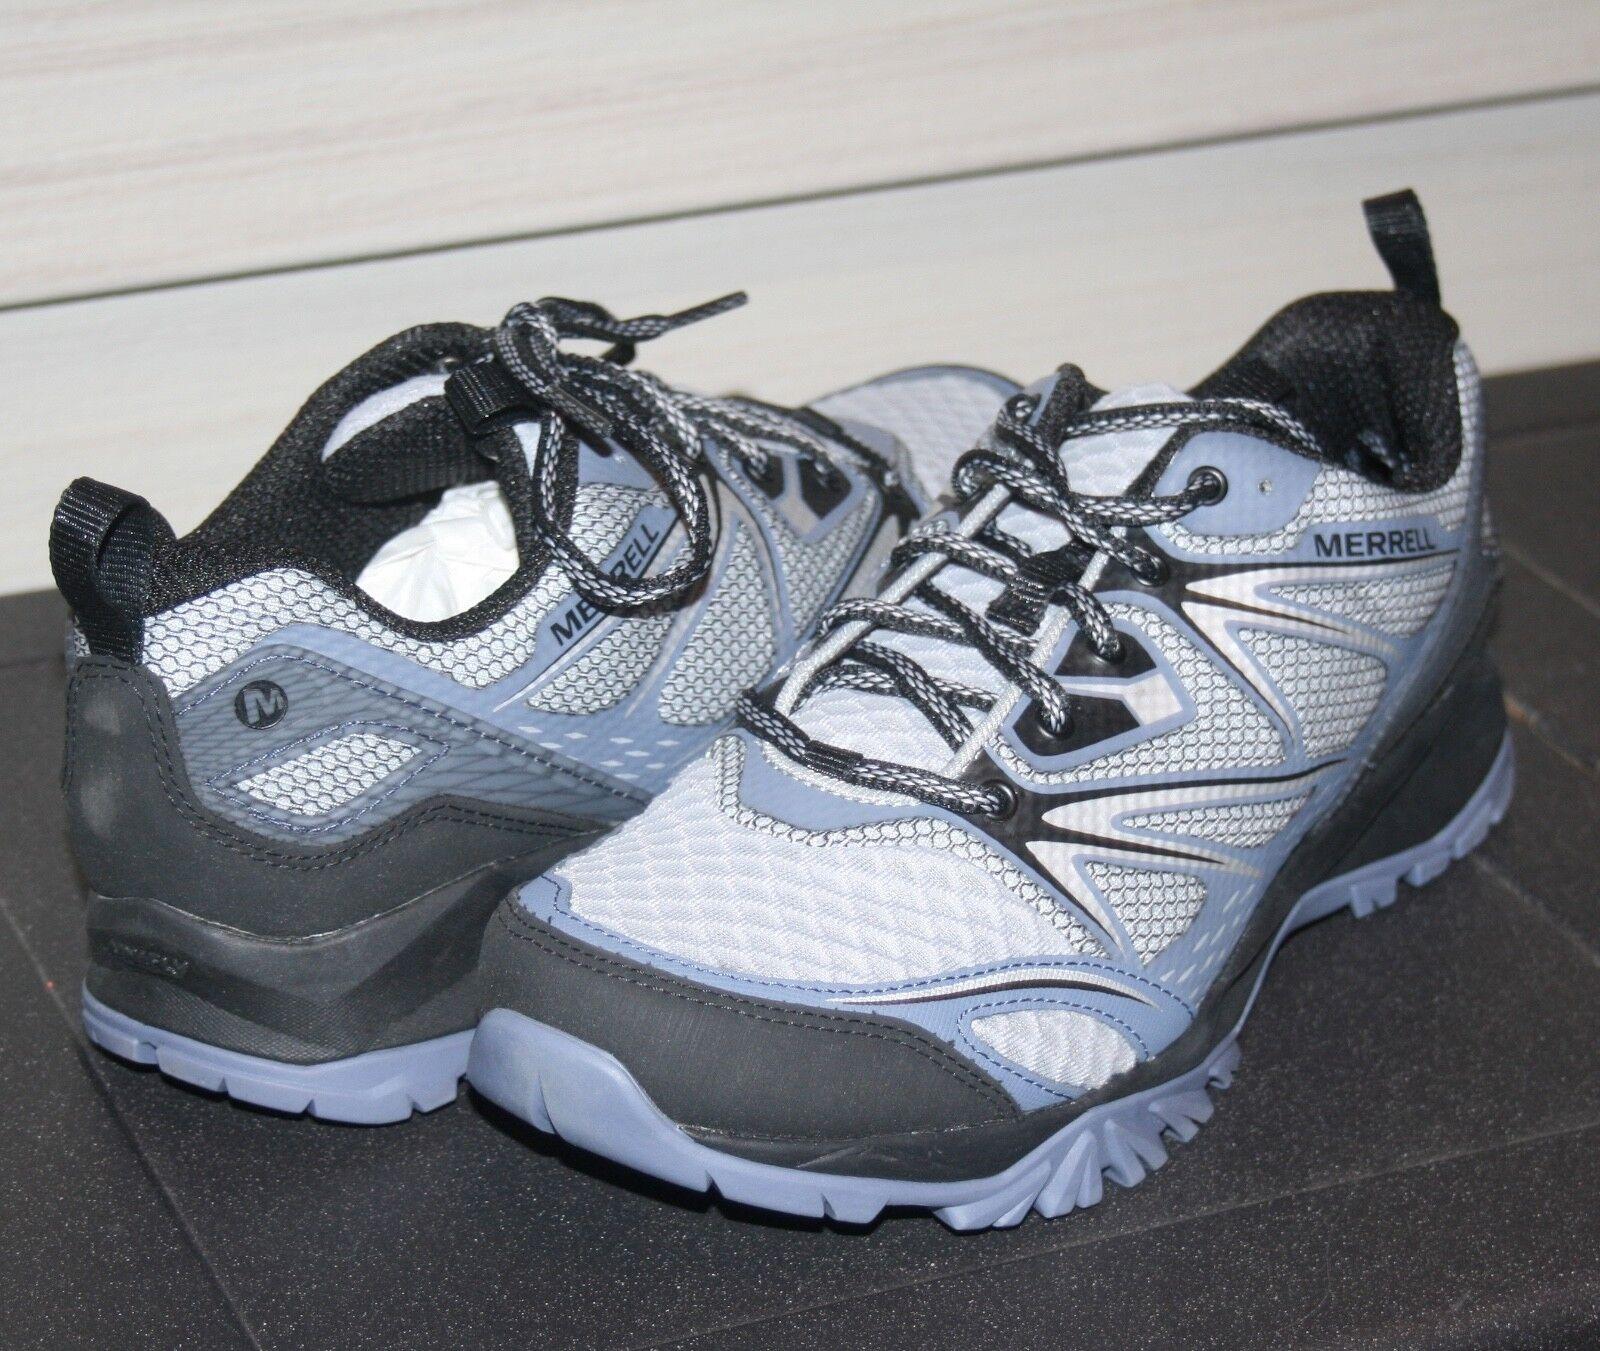 MERRELL CAPRA BOLT AIR US 7 EU 37.5 Woman's Hiking Trail Chaussures